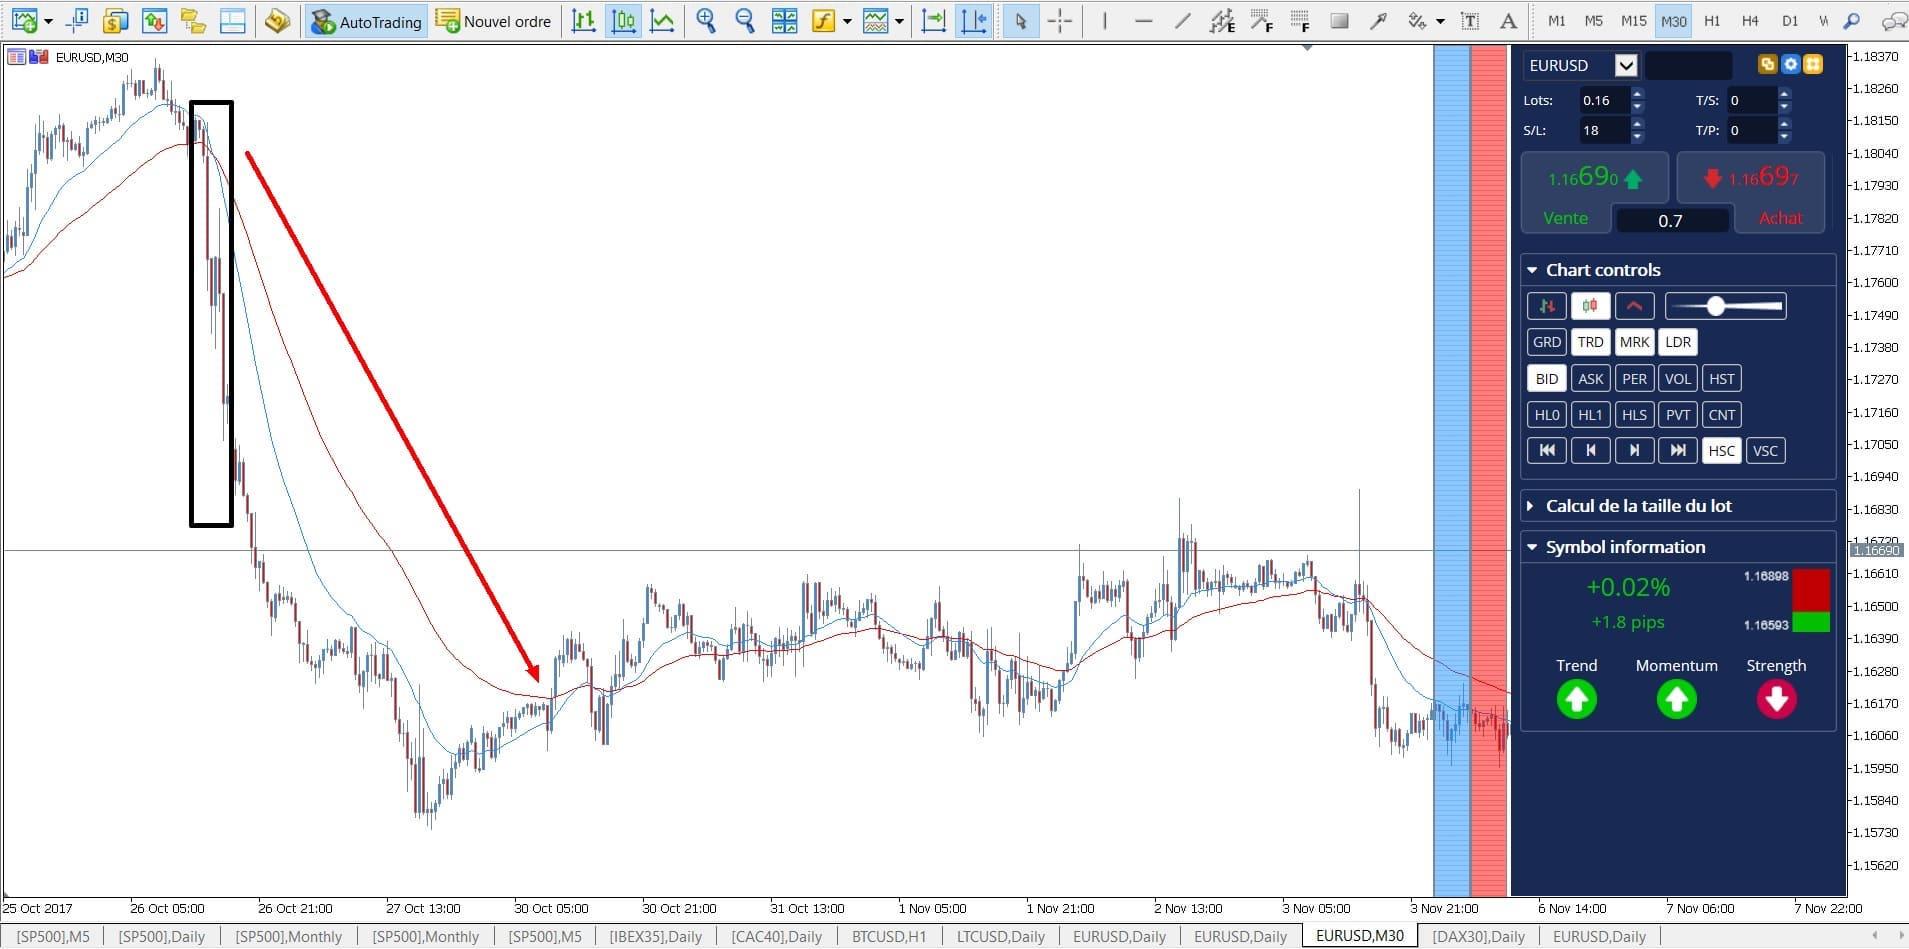 jak spekulovat na pokles eur/usd